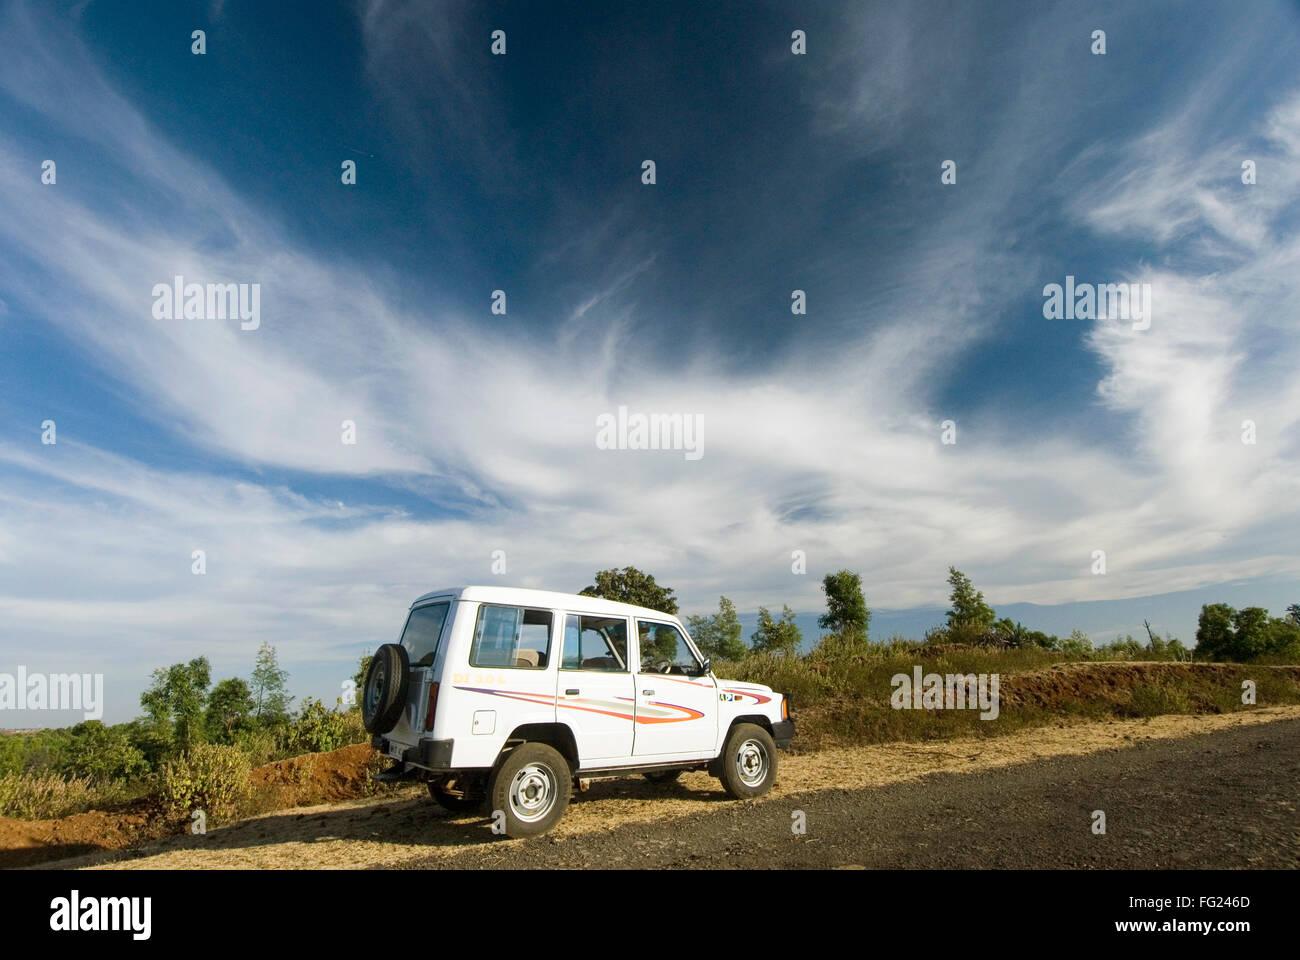 Sumo bianco auto sotto il cielo drammatico a Chikhaldara ; district Amravati ; Maharashtra ; India Immagini Stock